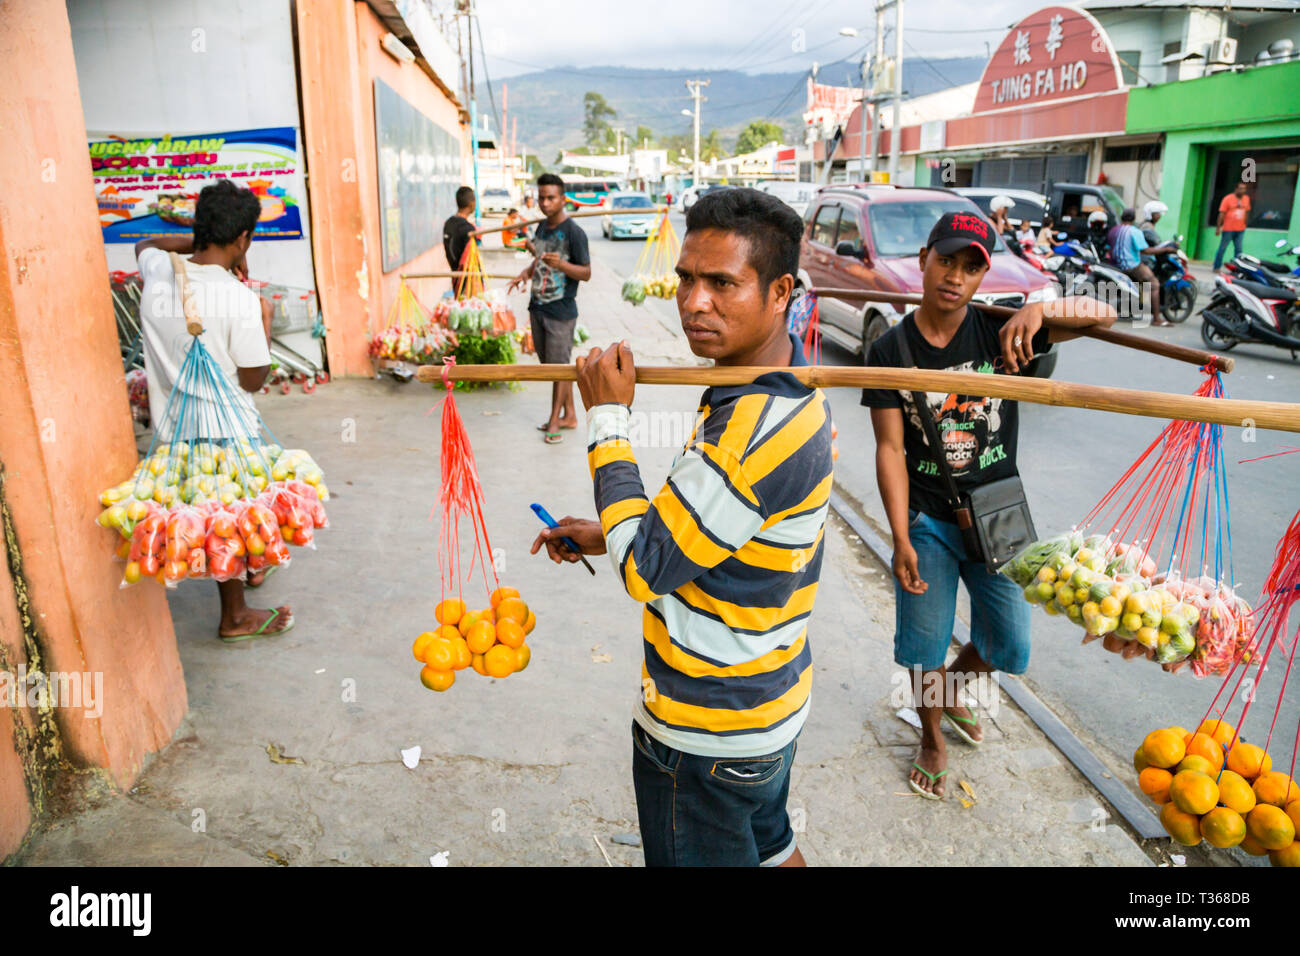 Les hommes, les Timorais de rue les fruits et légumes sur des cordes suspendues au cou de jougs faites de bâtons sur un marché très fréquenté de la rue capitale Dili, Timor oriental. Banque D'Images